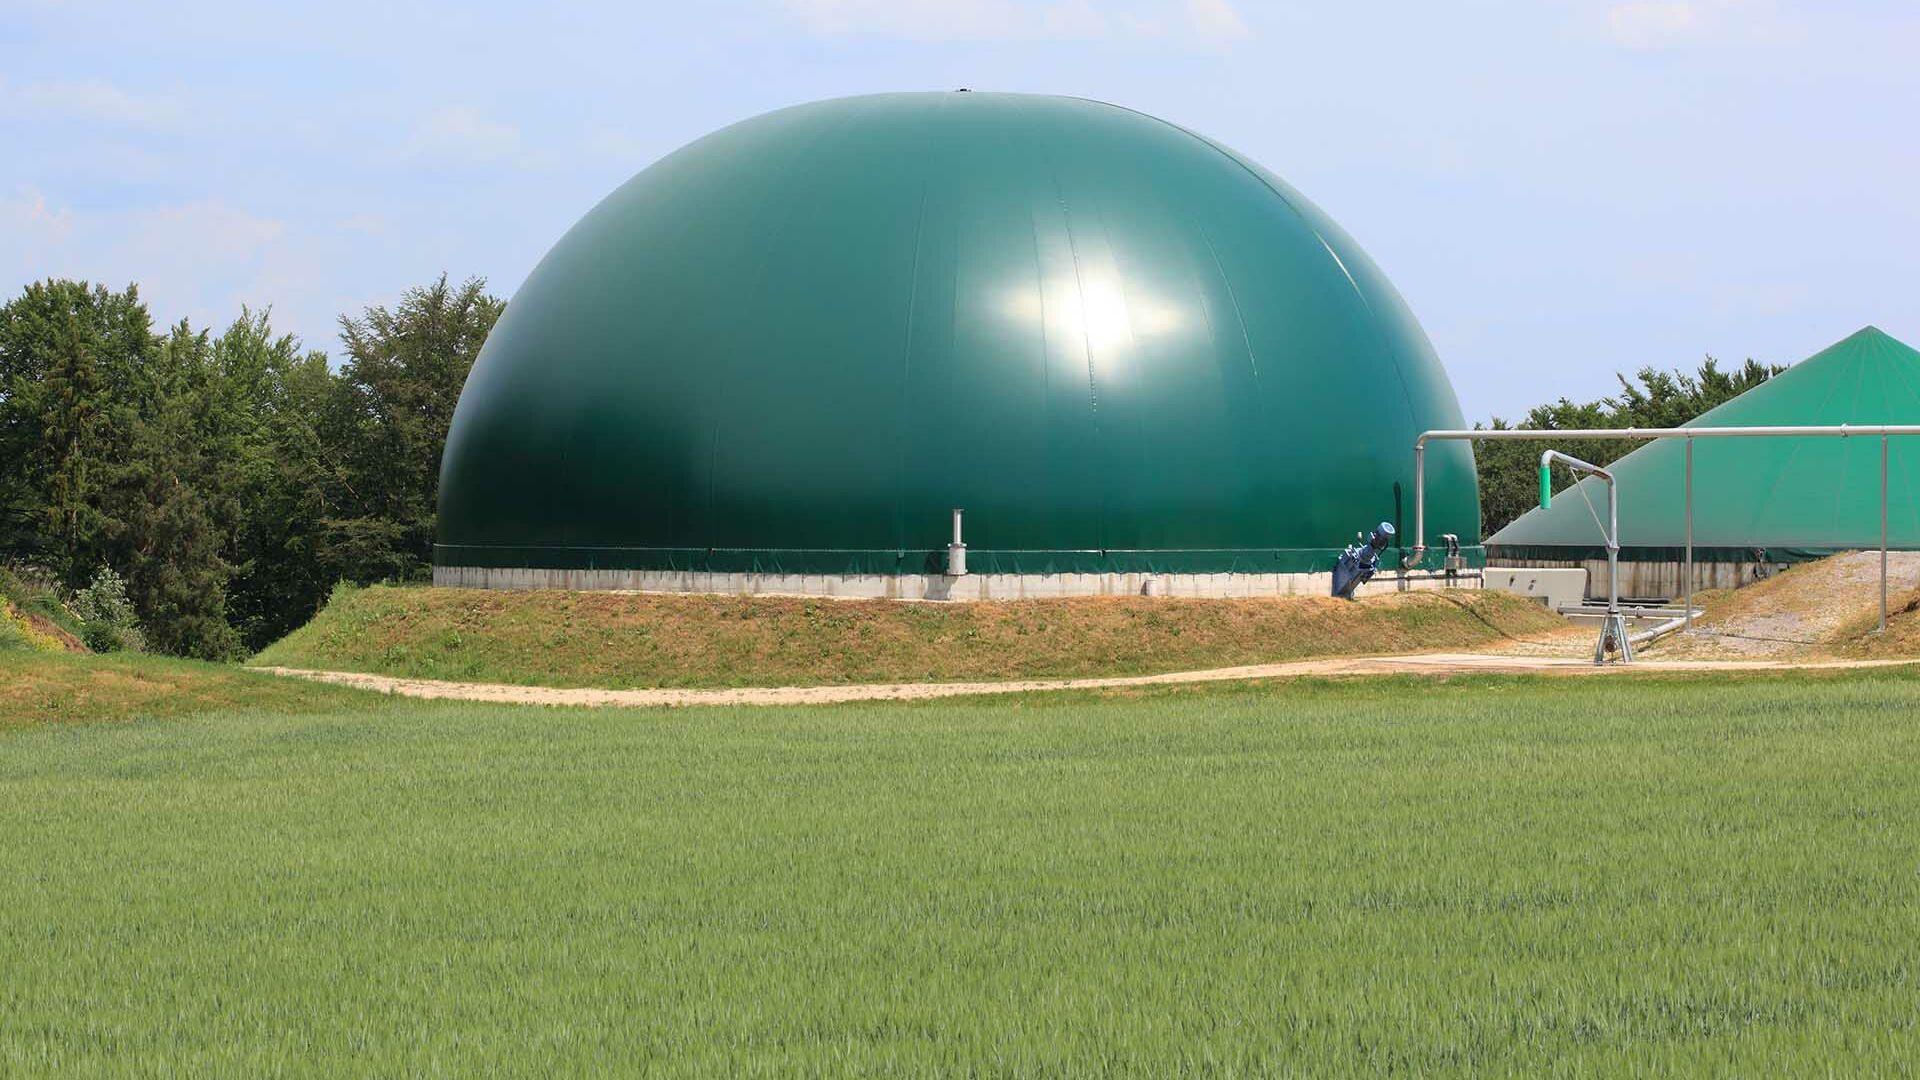 Biogasanlagen: Vergleich verschiedener Fermenter